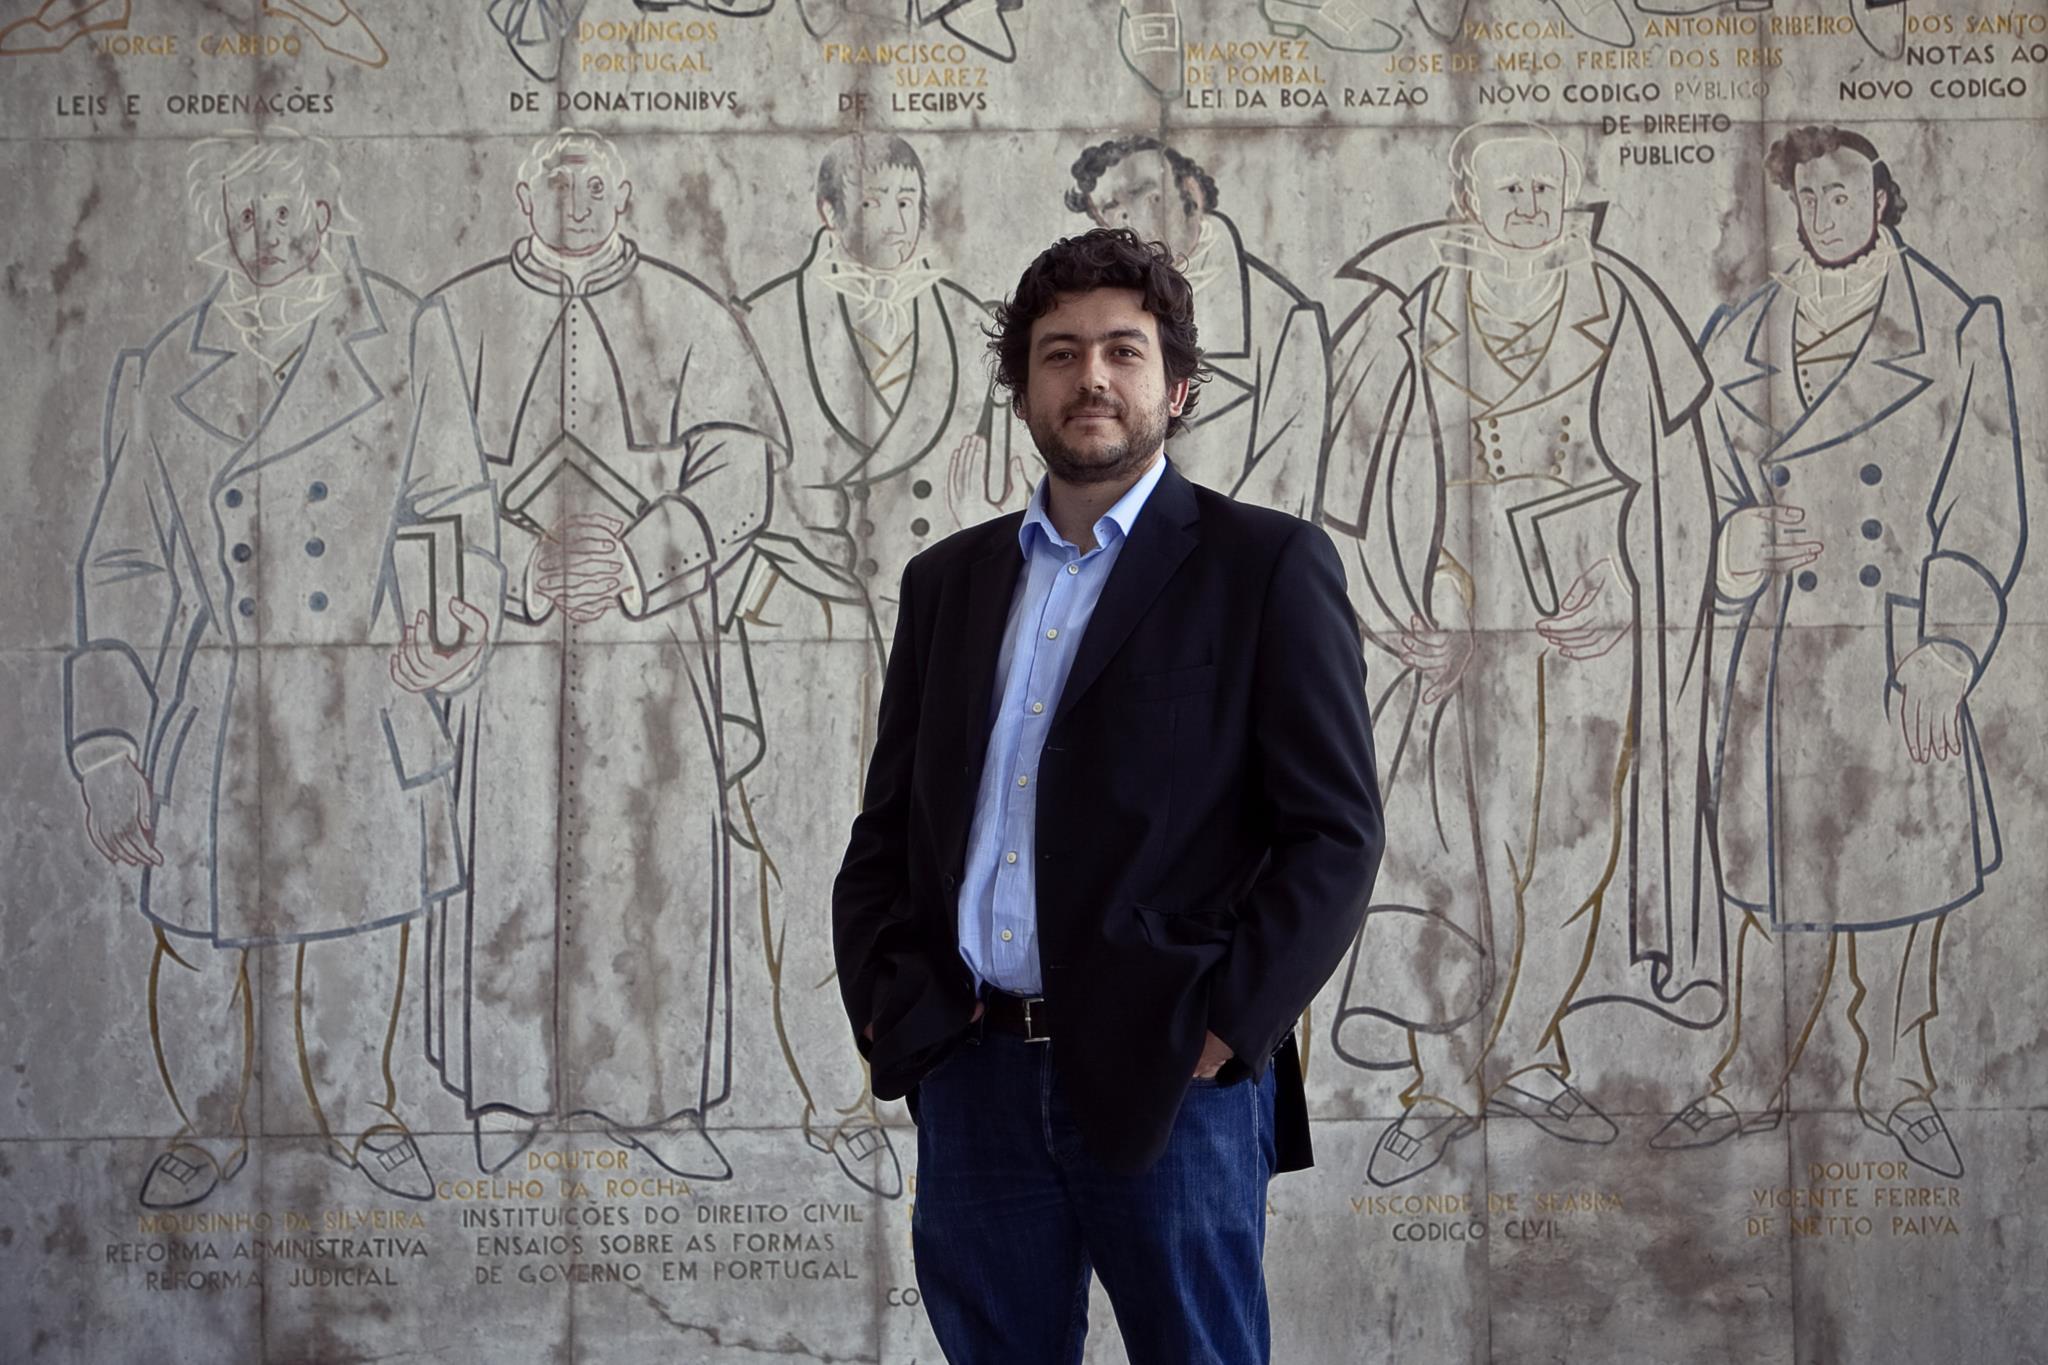 PÚBLICO - Partidos ajustam lei eleitoral autárquica ao novo mapa judicial